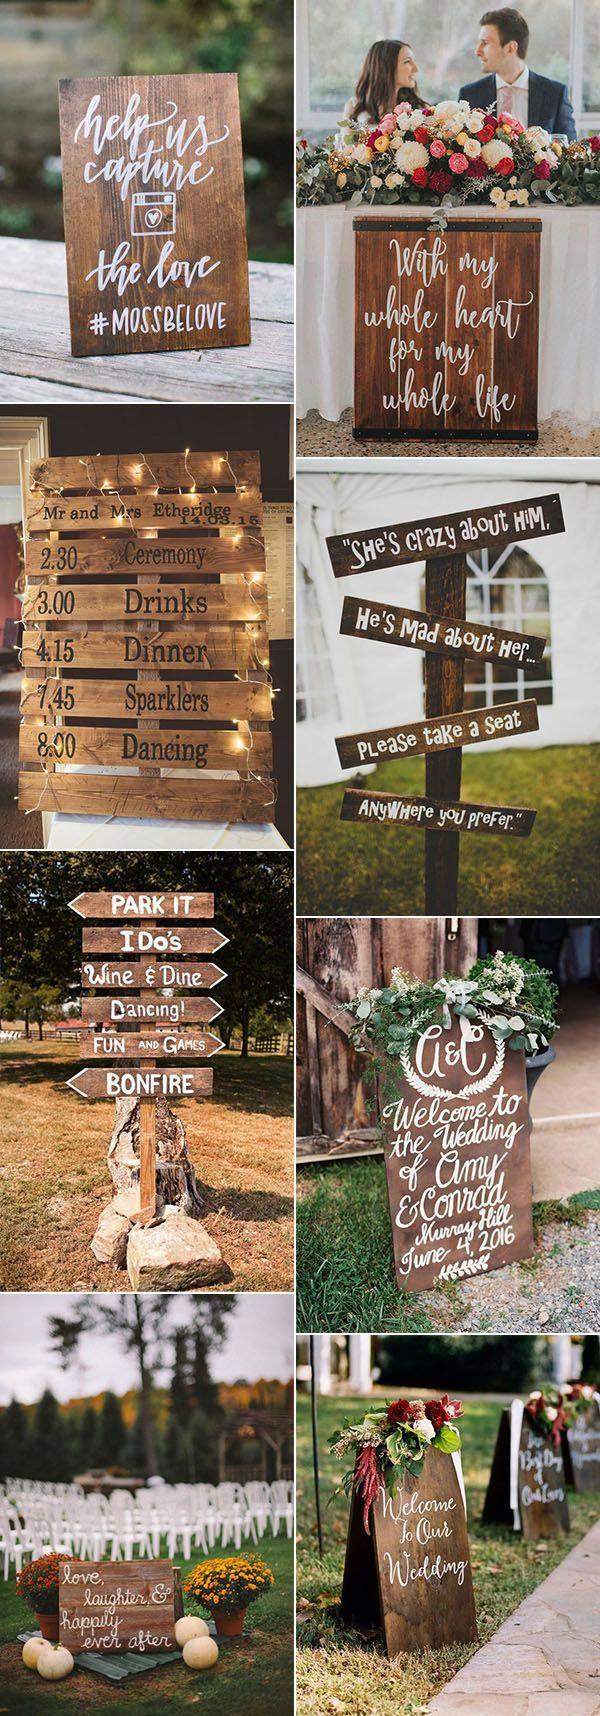 Wood wedding decoration ideas  super easy diy rustic wood wedding sign decoration ideas